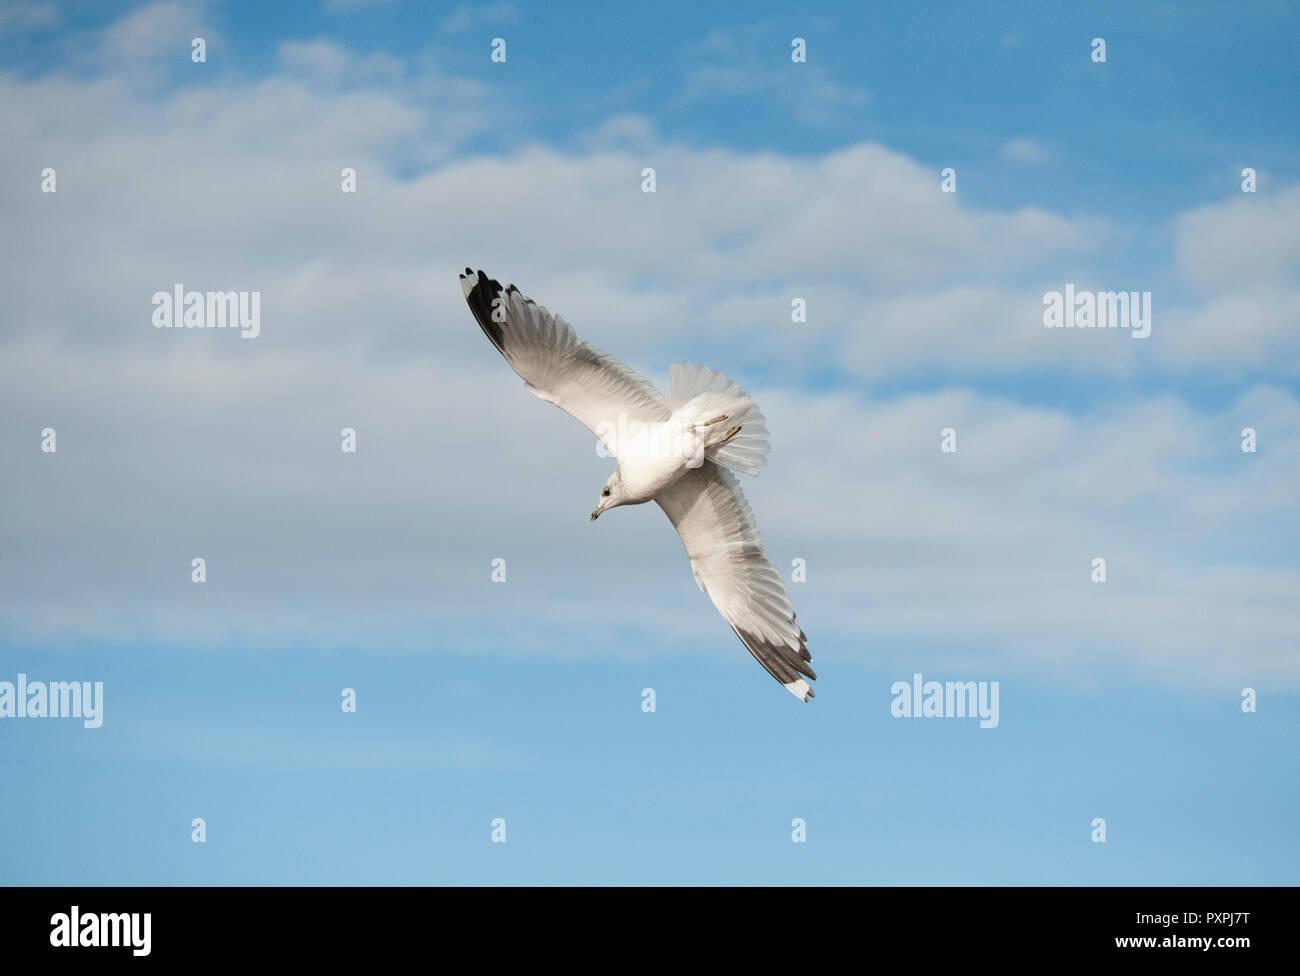 Common Gull, Larus canus, in flight over Brent Reservoir or Welsh Harp Reservoir, Brent, London, United Kingdom - Stock Image